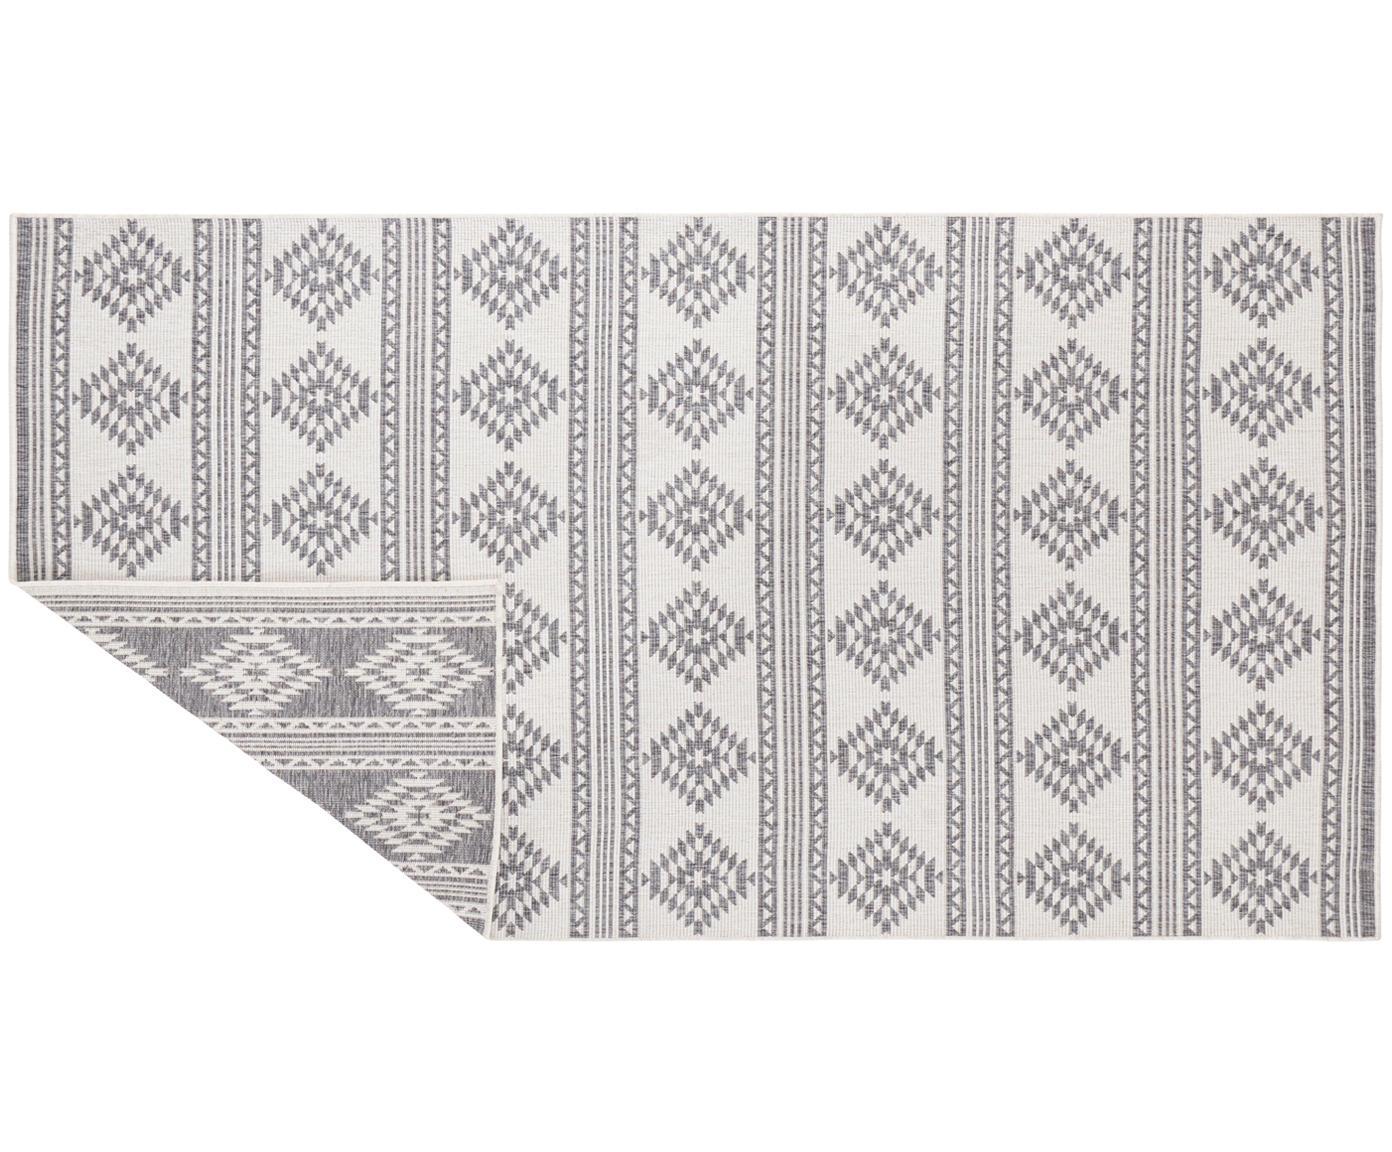 Tappeto reversibile da interno-esterno Maple, 100% polipropilene, Grigio, crema, Larg. 80 x Lung. 150 cm (taglia XS)